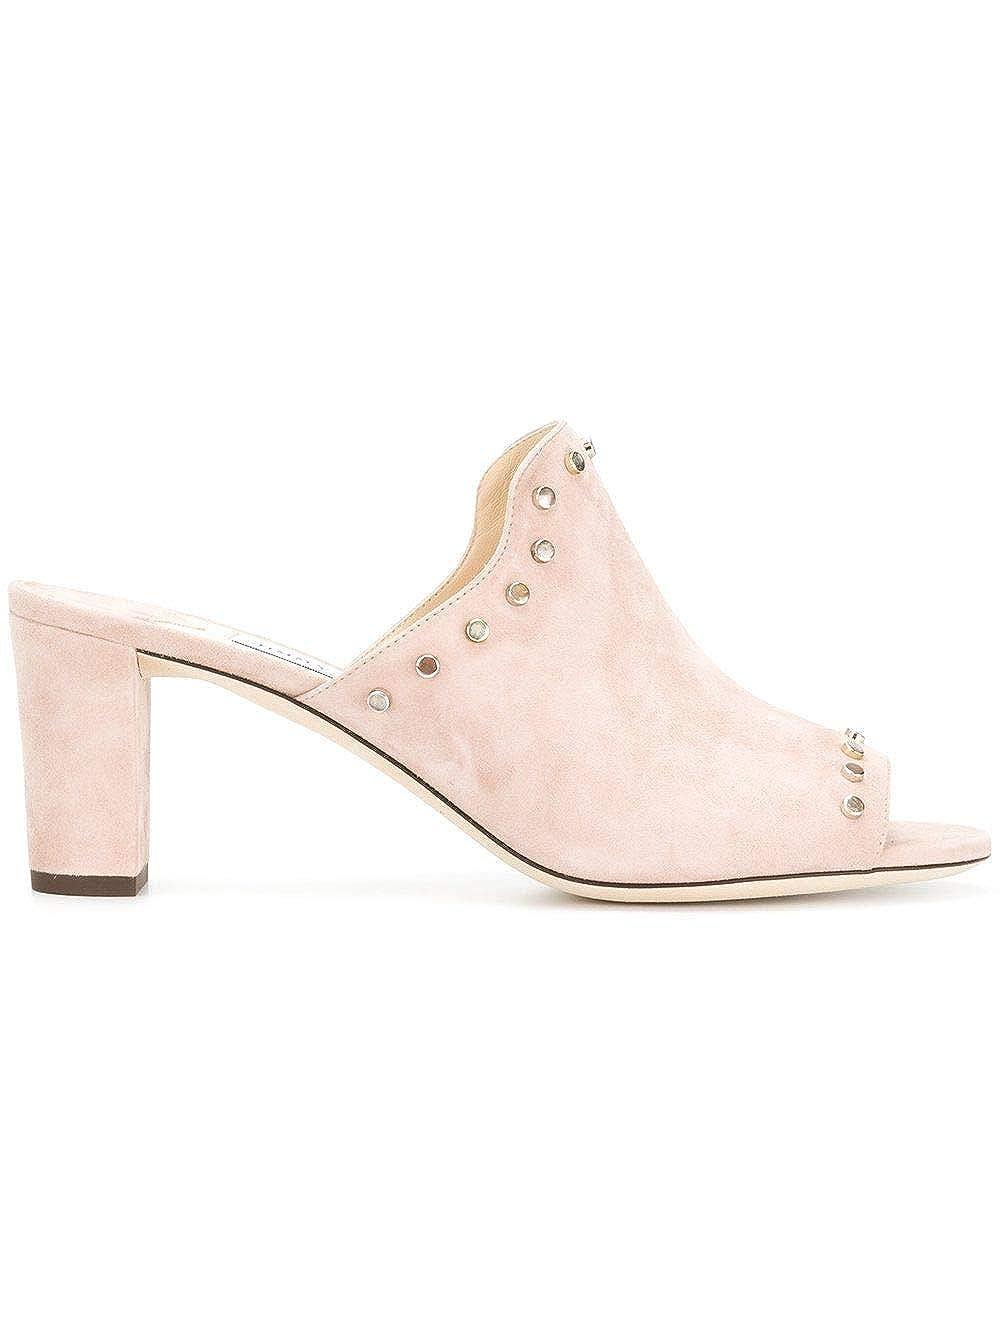 - Jimmy Choo Women's MYLA65UEBPINK Pink Suede Heels